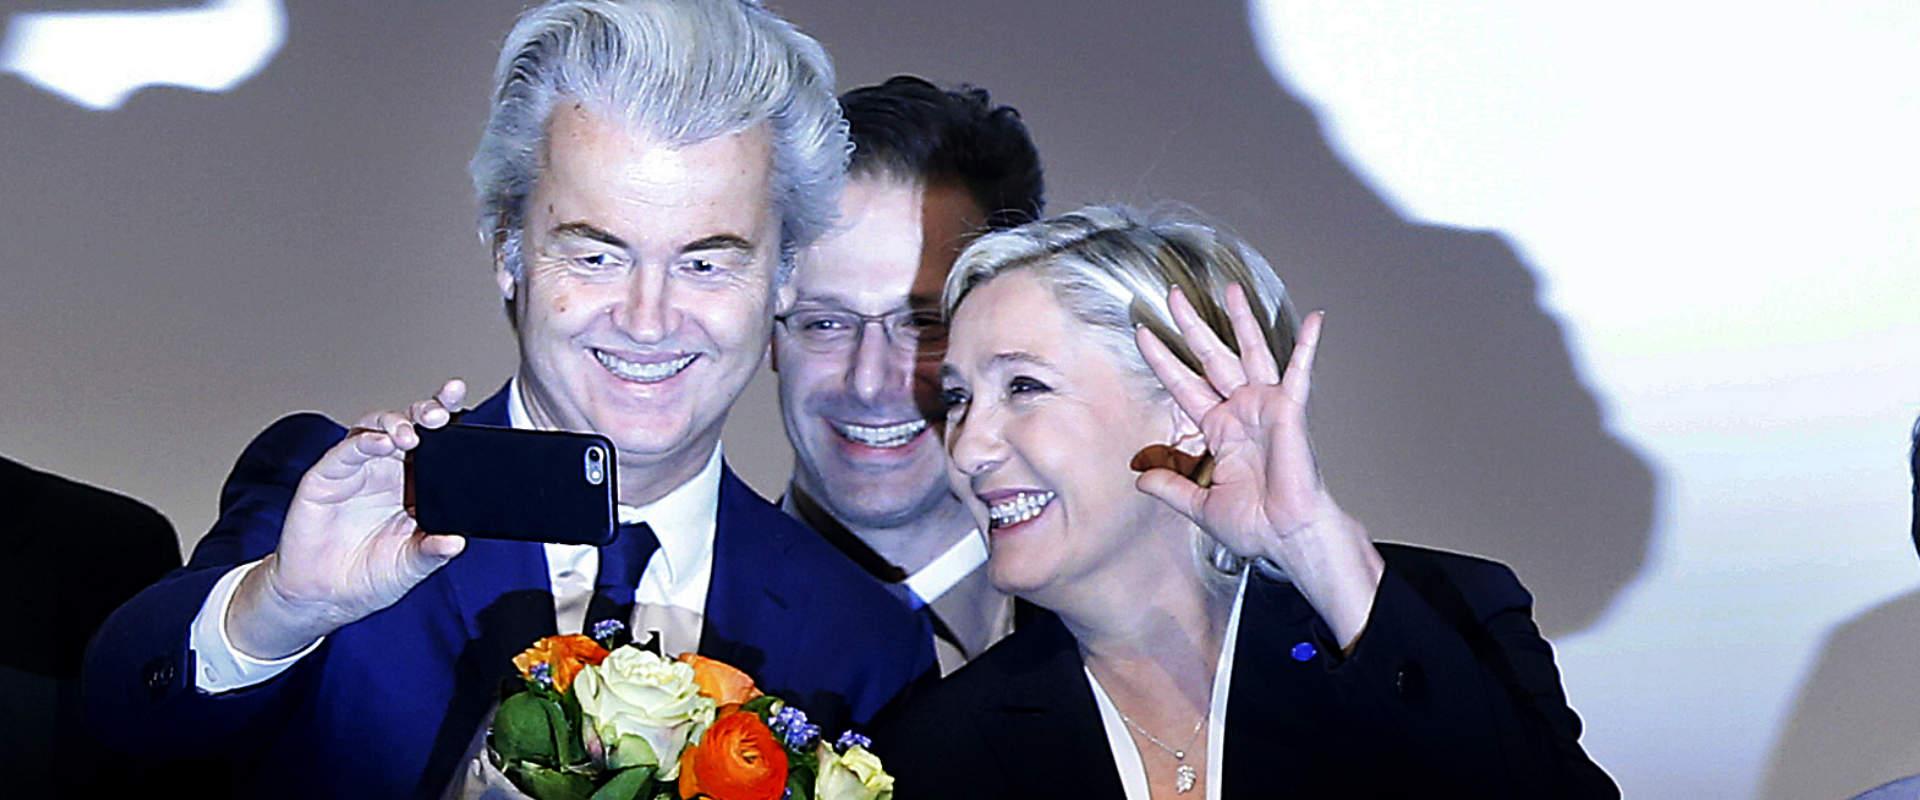 וילדרס (משמאל) ומארין לה פן